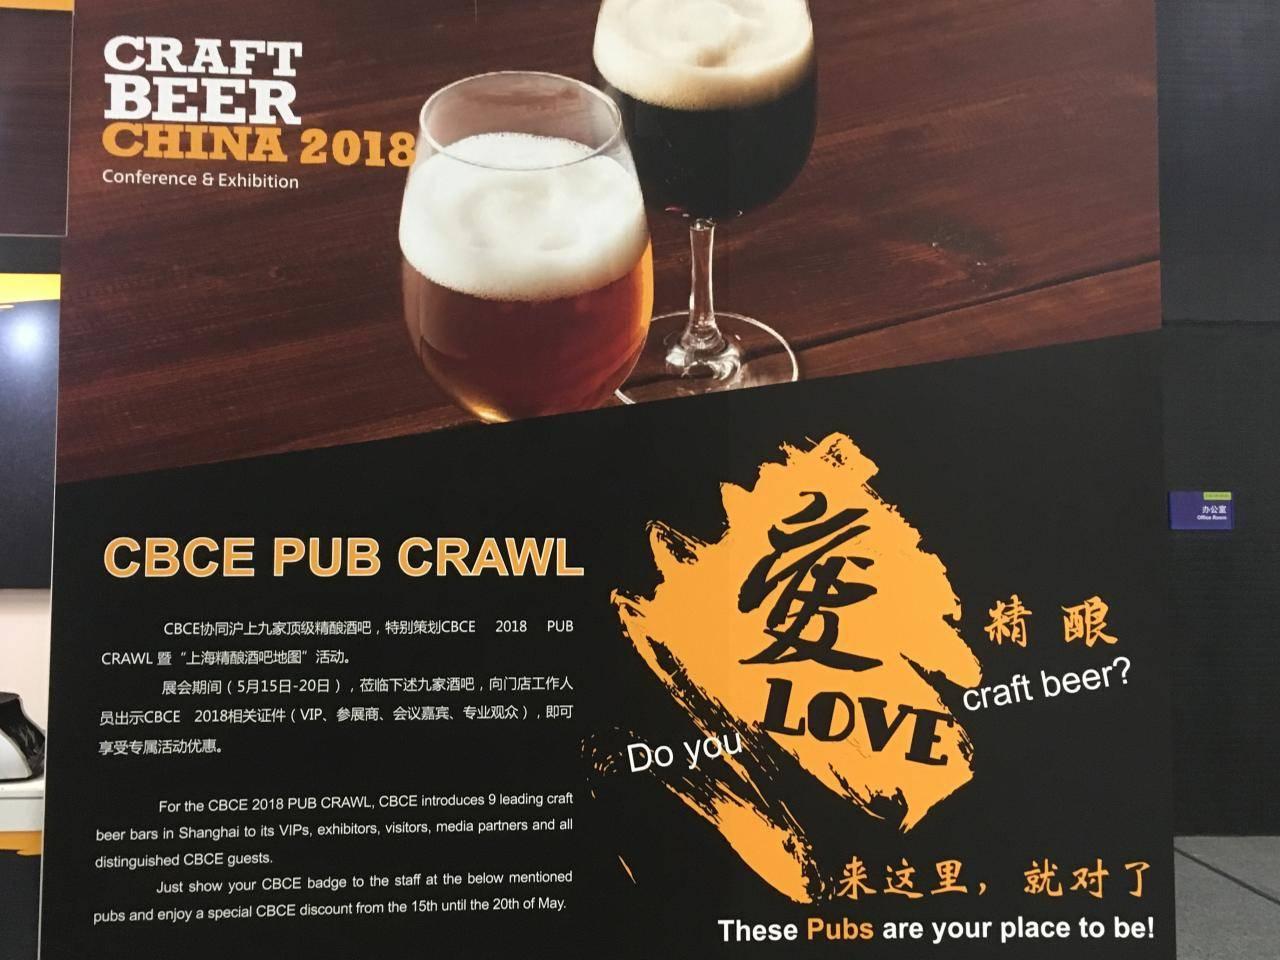 中国国际精酿啤酒文化展-中国精酿啤酒市场的发展前景如何?-大麦丫-精酿啤酒连锁超市,工厂店平价酒吧免费加盟